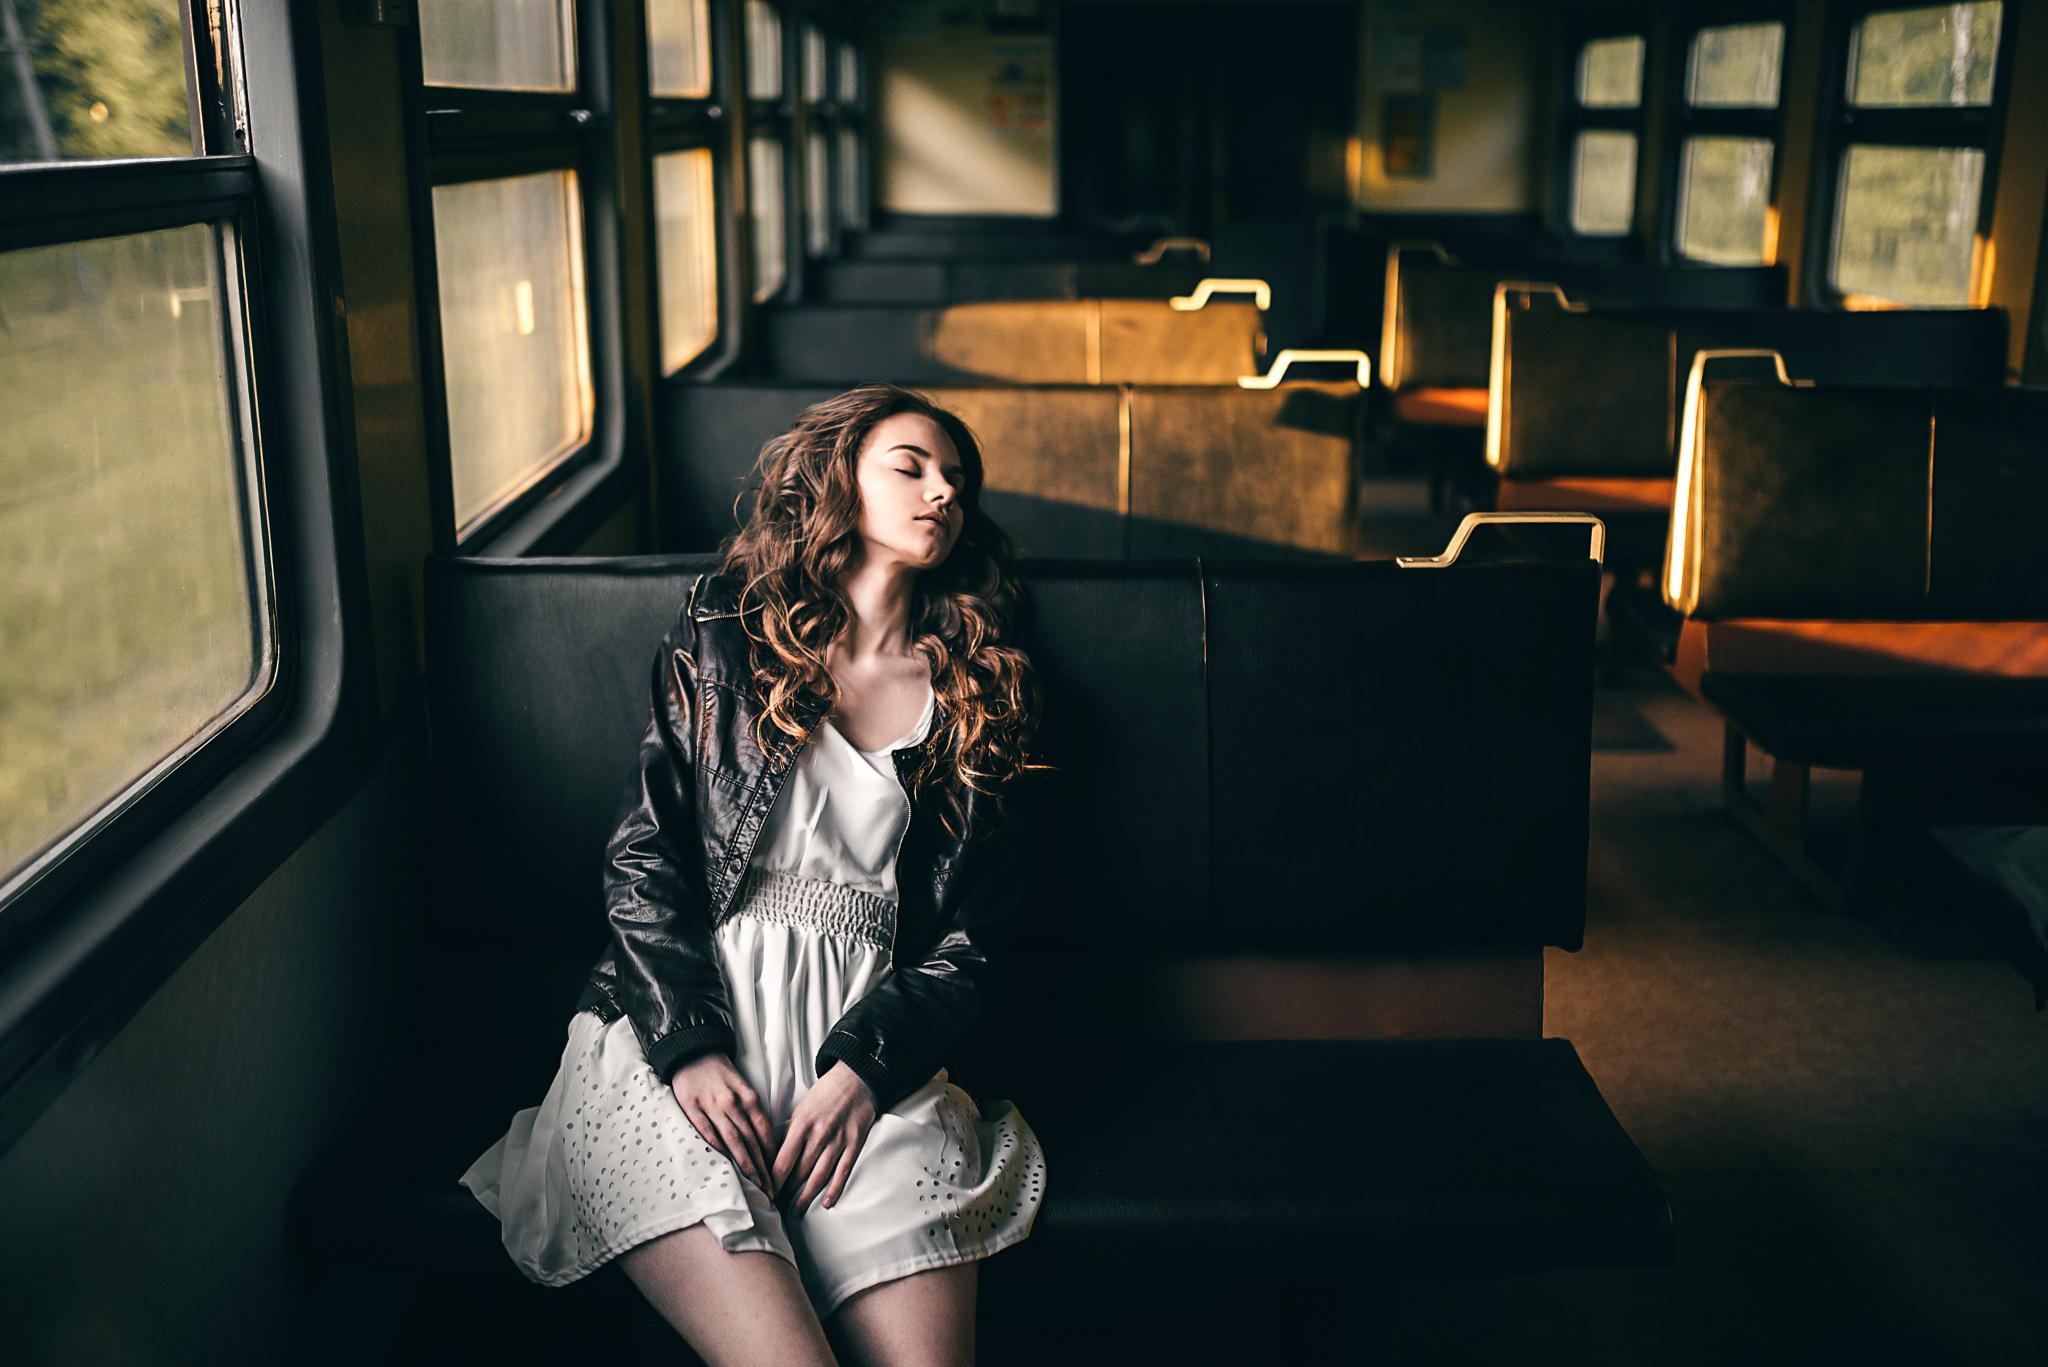 Фото красивых девушек в электричках